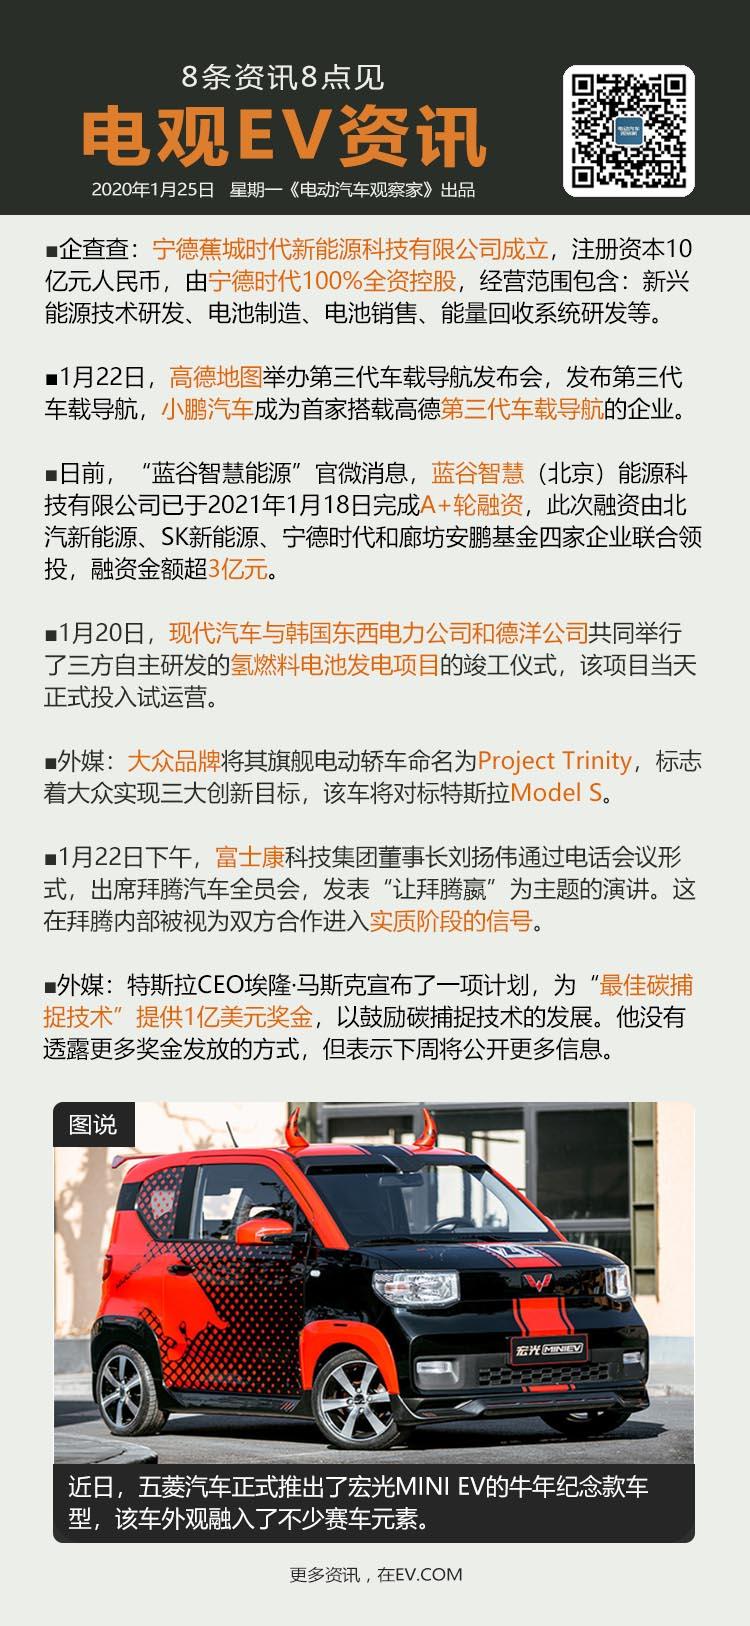 1月25日:宁德时代成立新公司、高德地图发布第三代车载导航、蓝谷智慧融资超3亿元